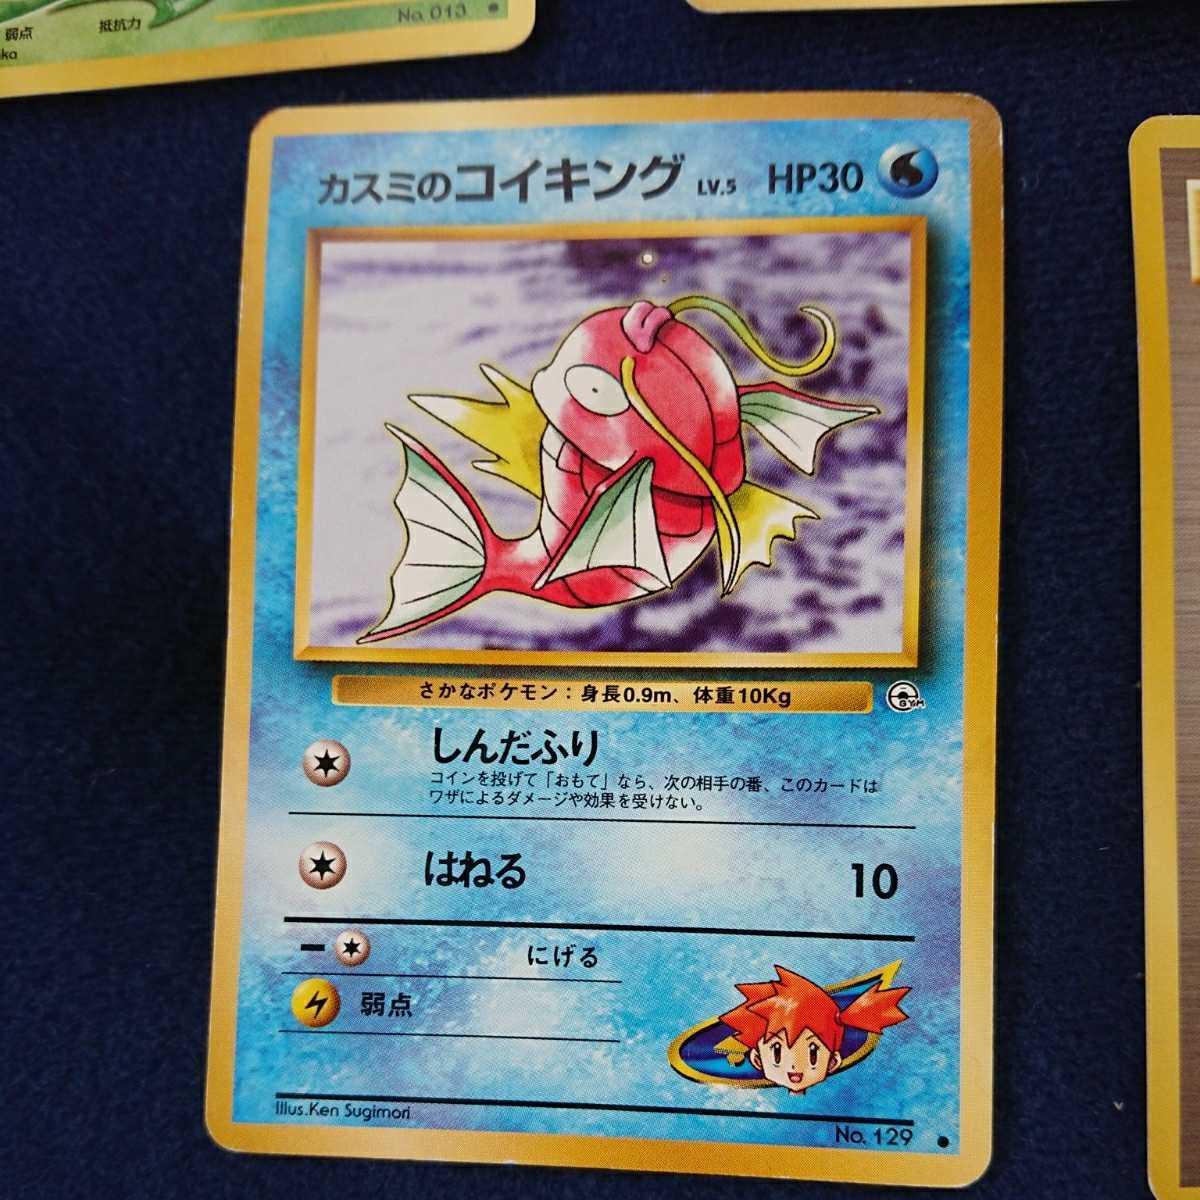 【送料無料】ポケモンカード 旧裏面 5枚セット 中古 キズあり_画像7